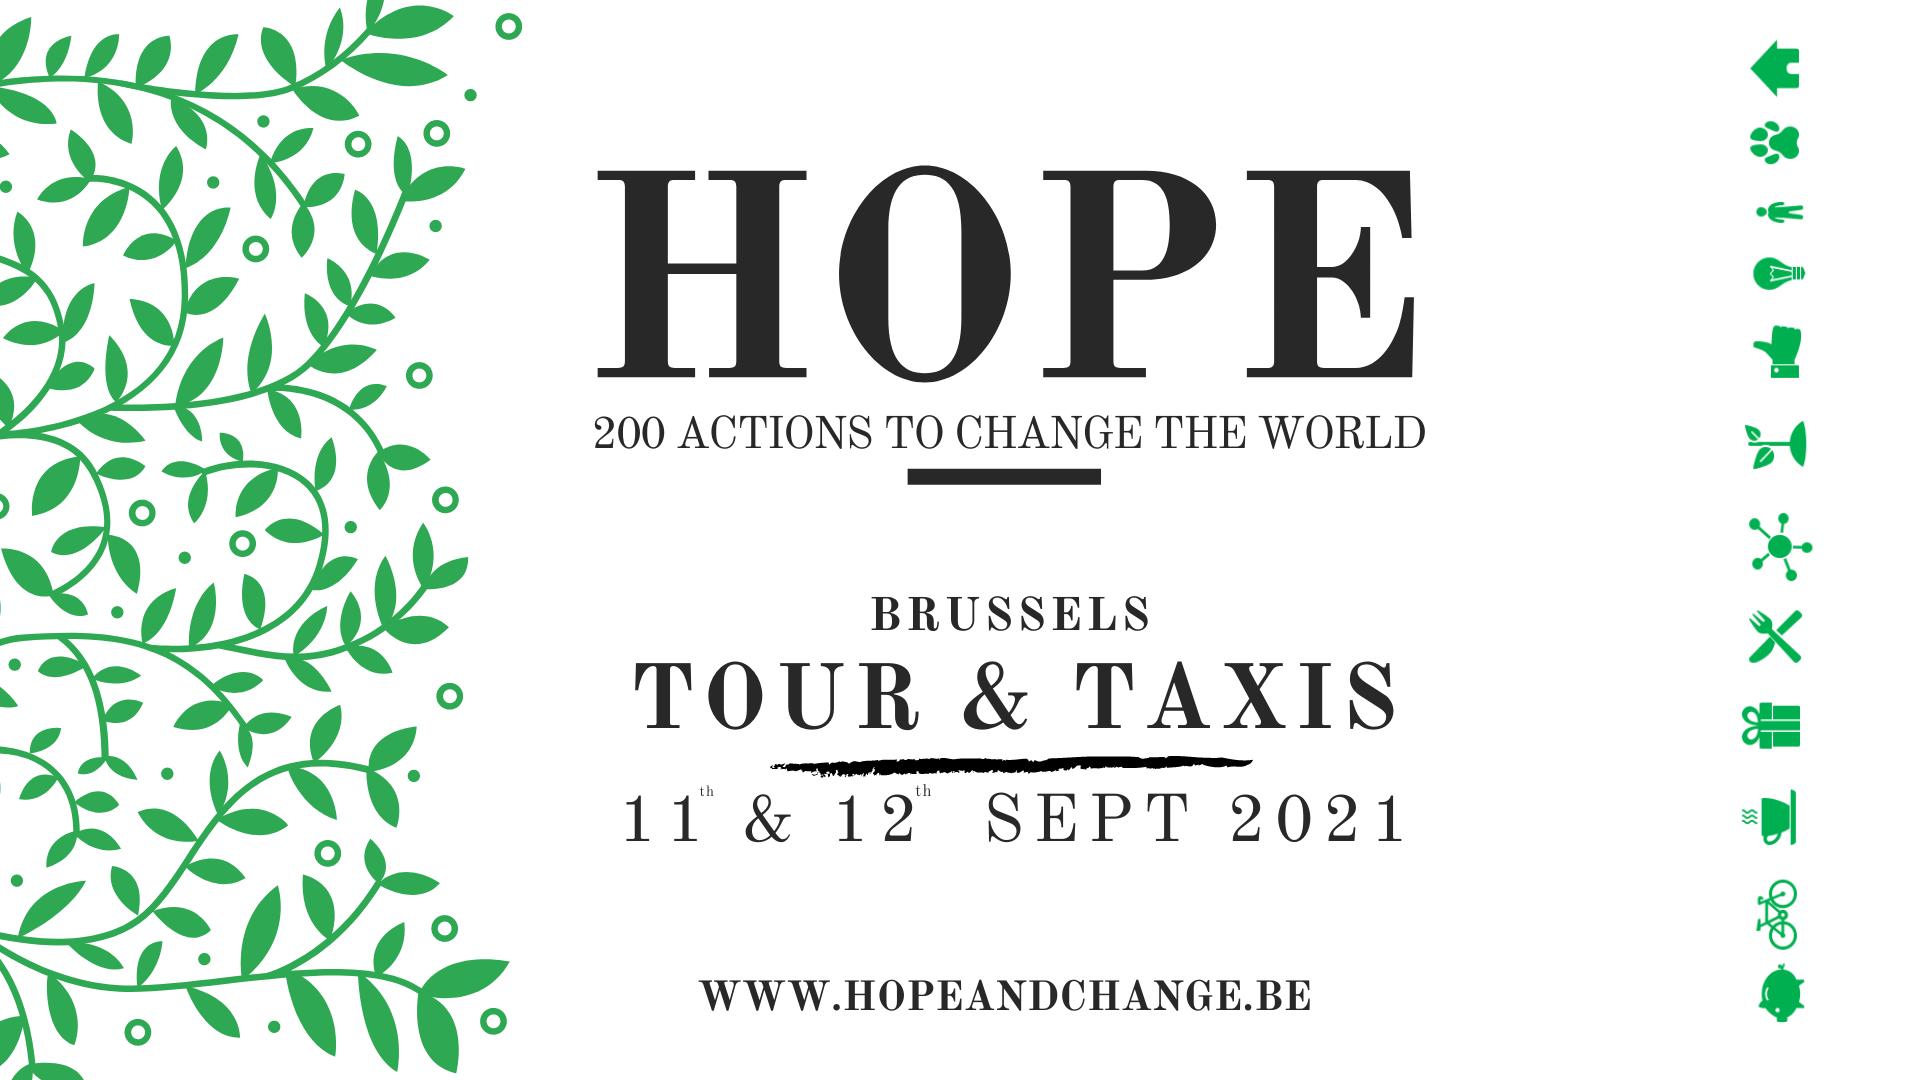 HOPE: 200 projets pour changer le monde @ Tour&Taxis